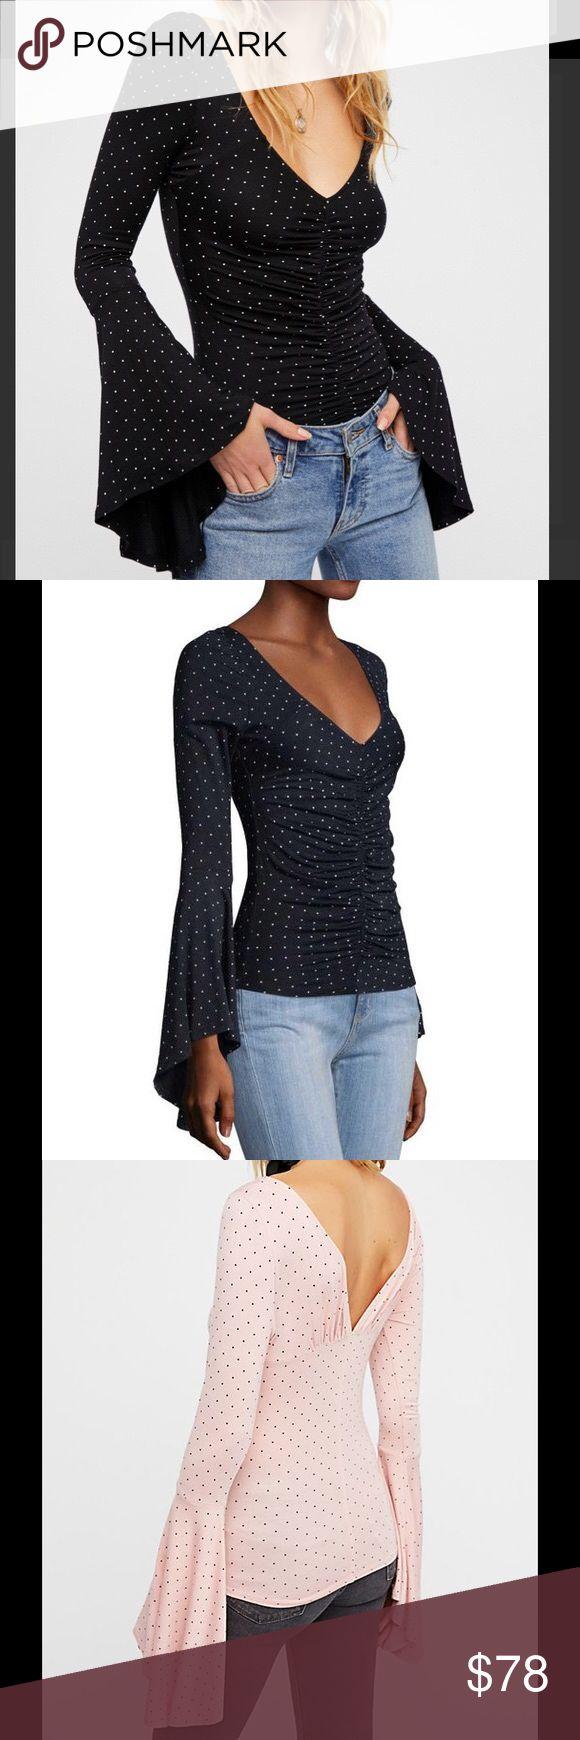 Free People Bell Sleeved Polka Dot Top Black New! Free People Tops Tees - Long Sleeve